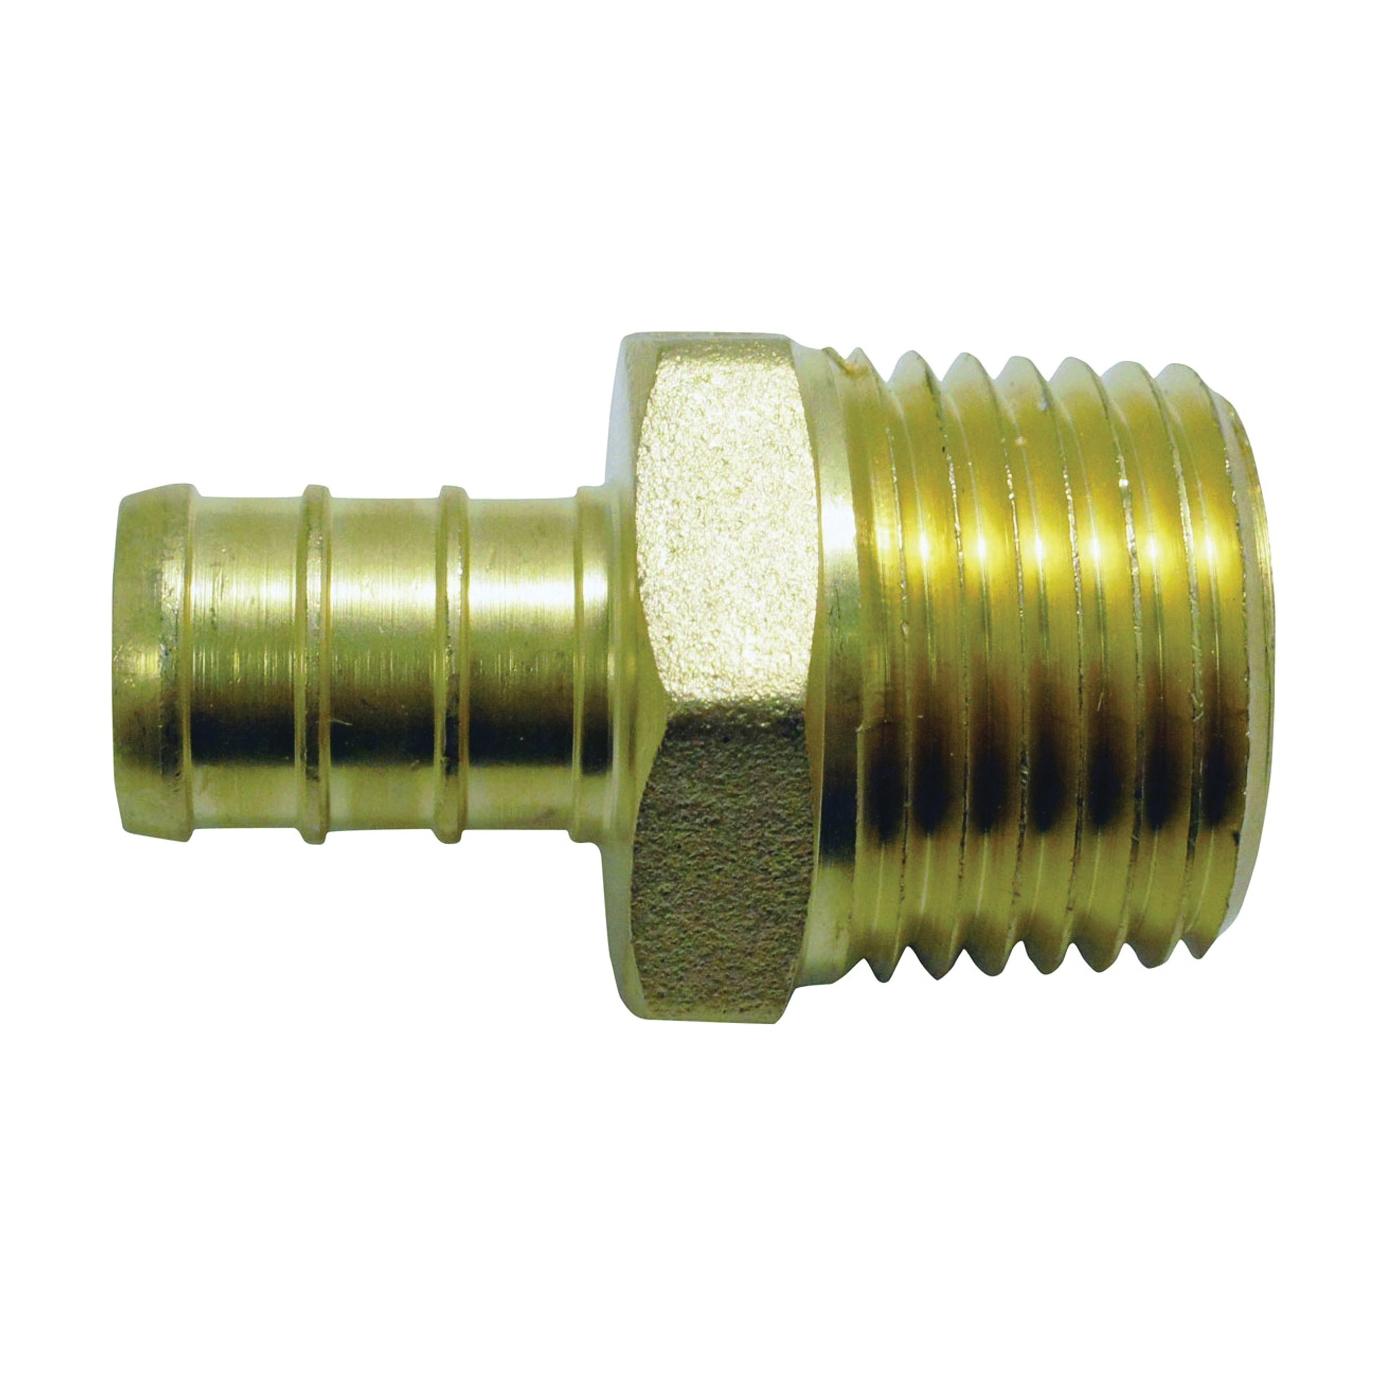 Picture of Apollo APXMA1212 Pipe Adapter, 1/2 in, PEX x MPT, Brass, 200 psi Pressure